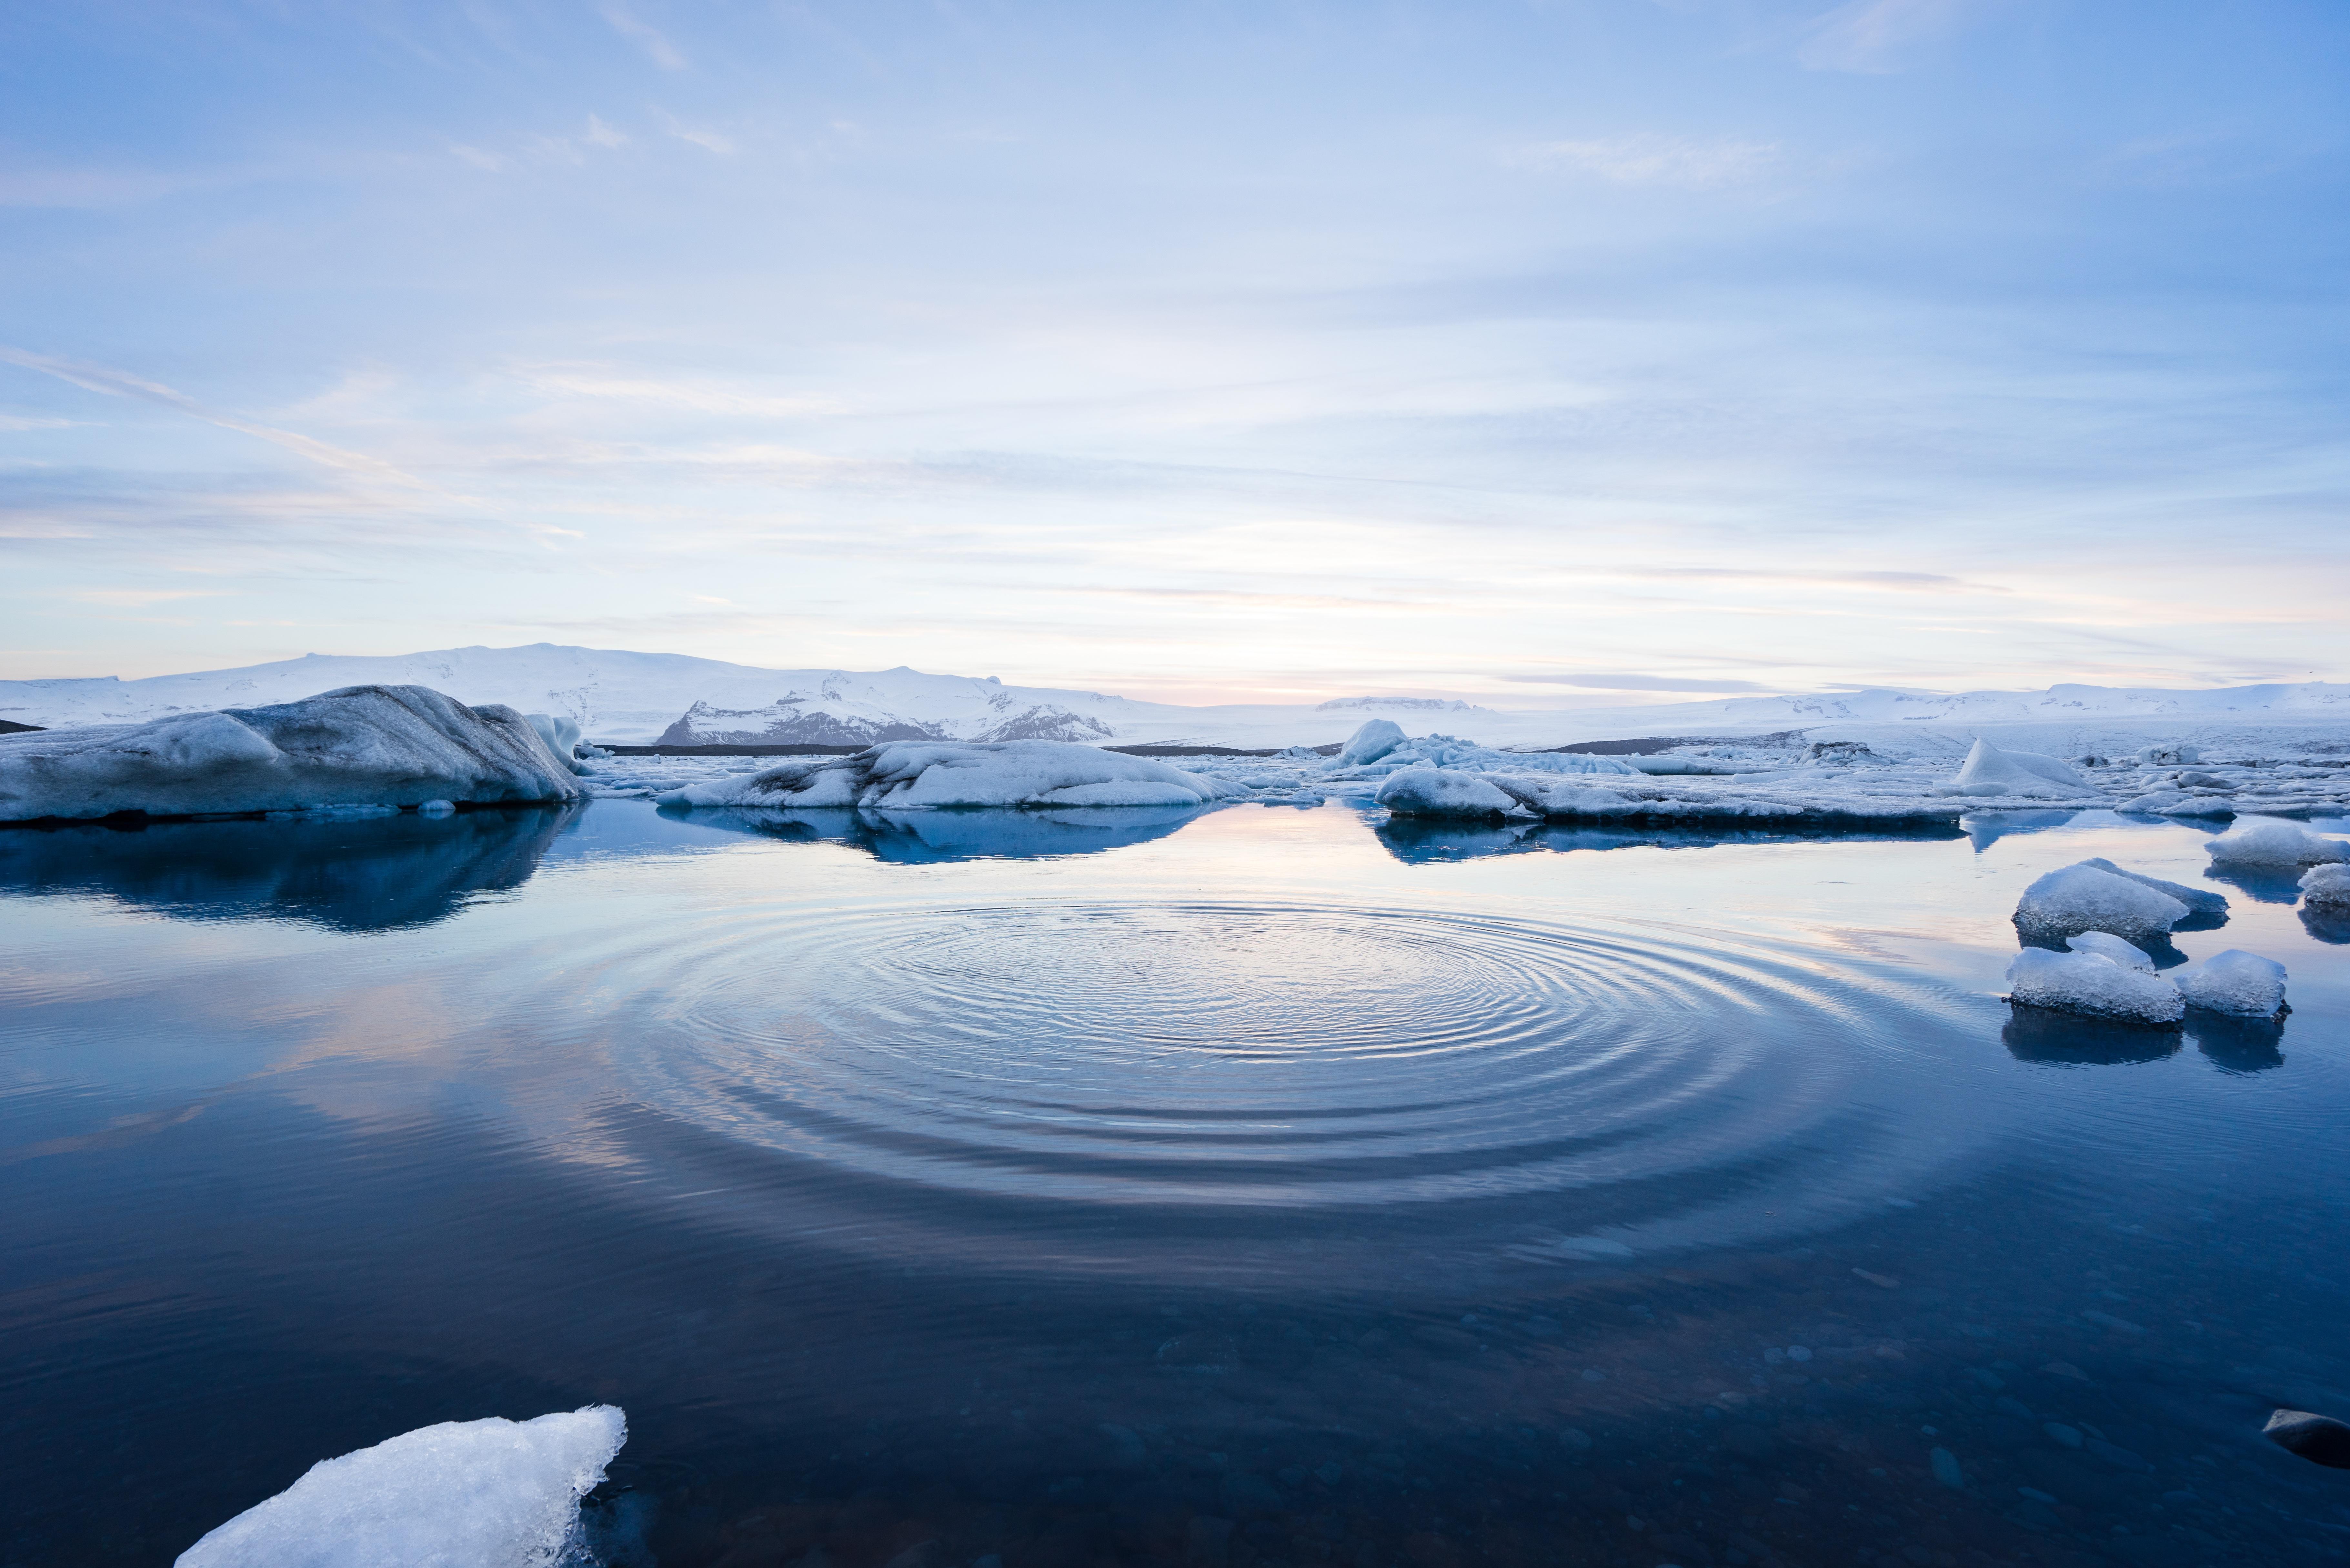 Ripples, Disturbance, Iceberg, Ripple, Splash, HQ Photo